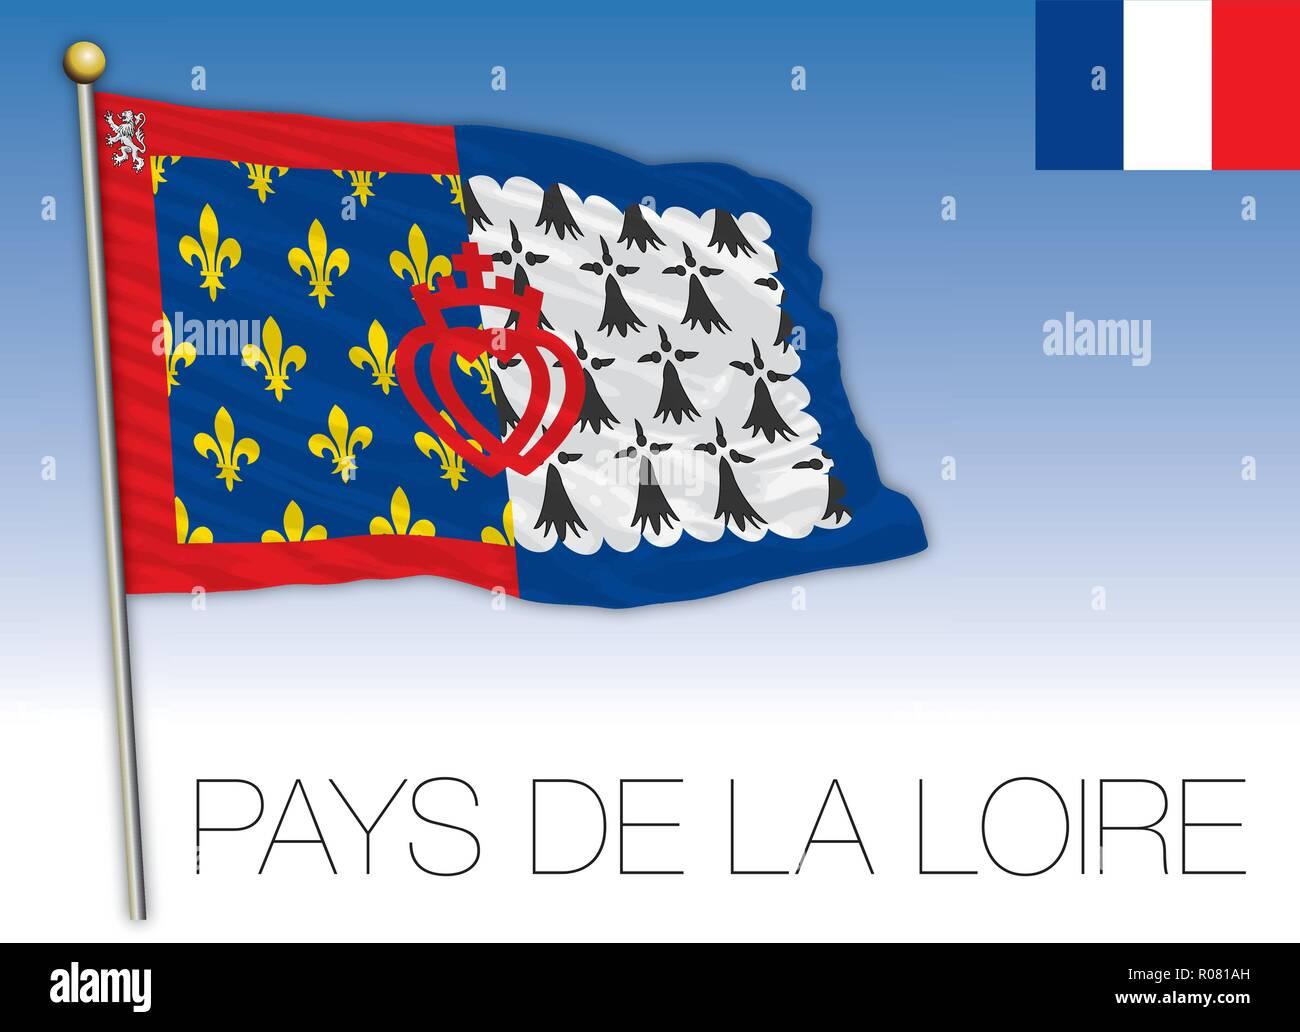 Pays de la Loire bandiera regionale, Francia, illustrazione vettoriale Immagini Stock